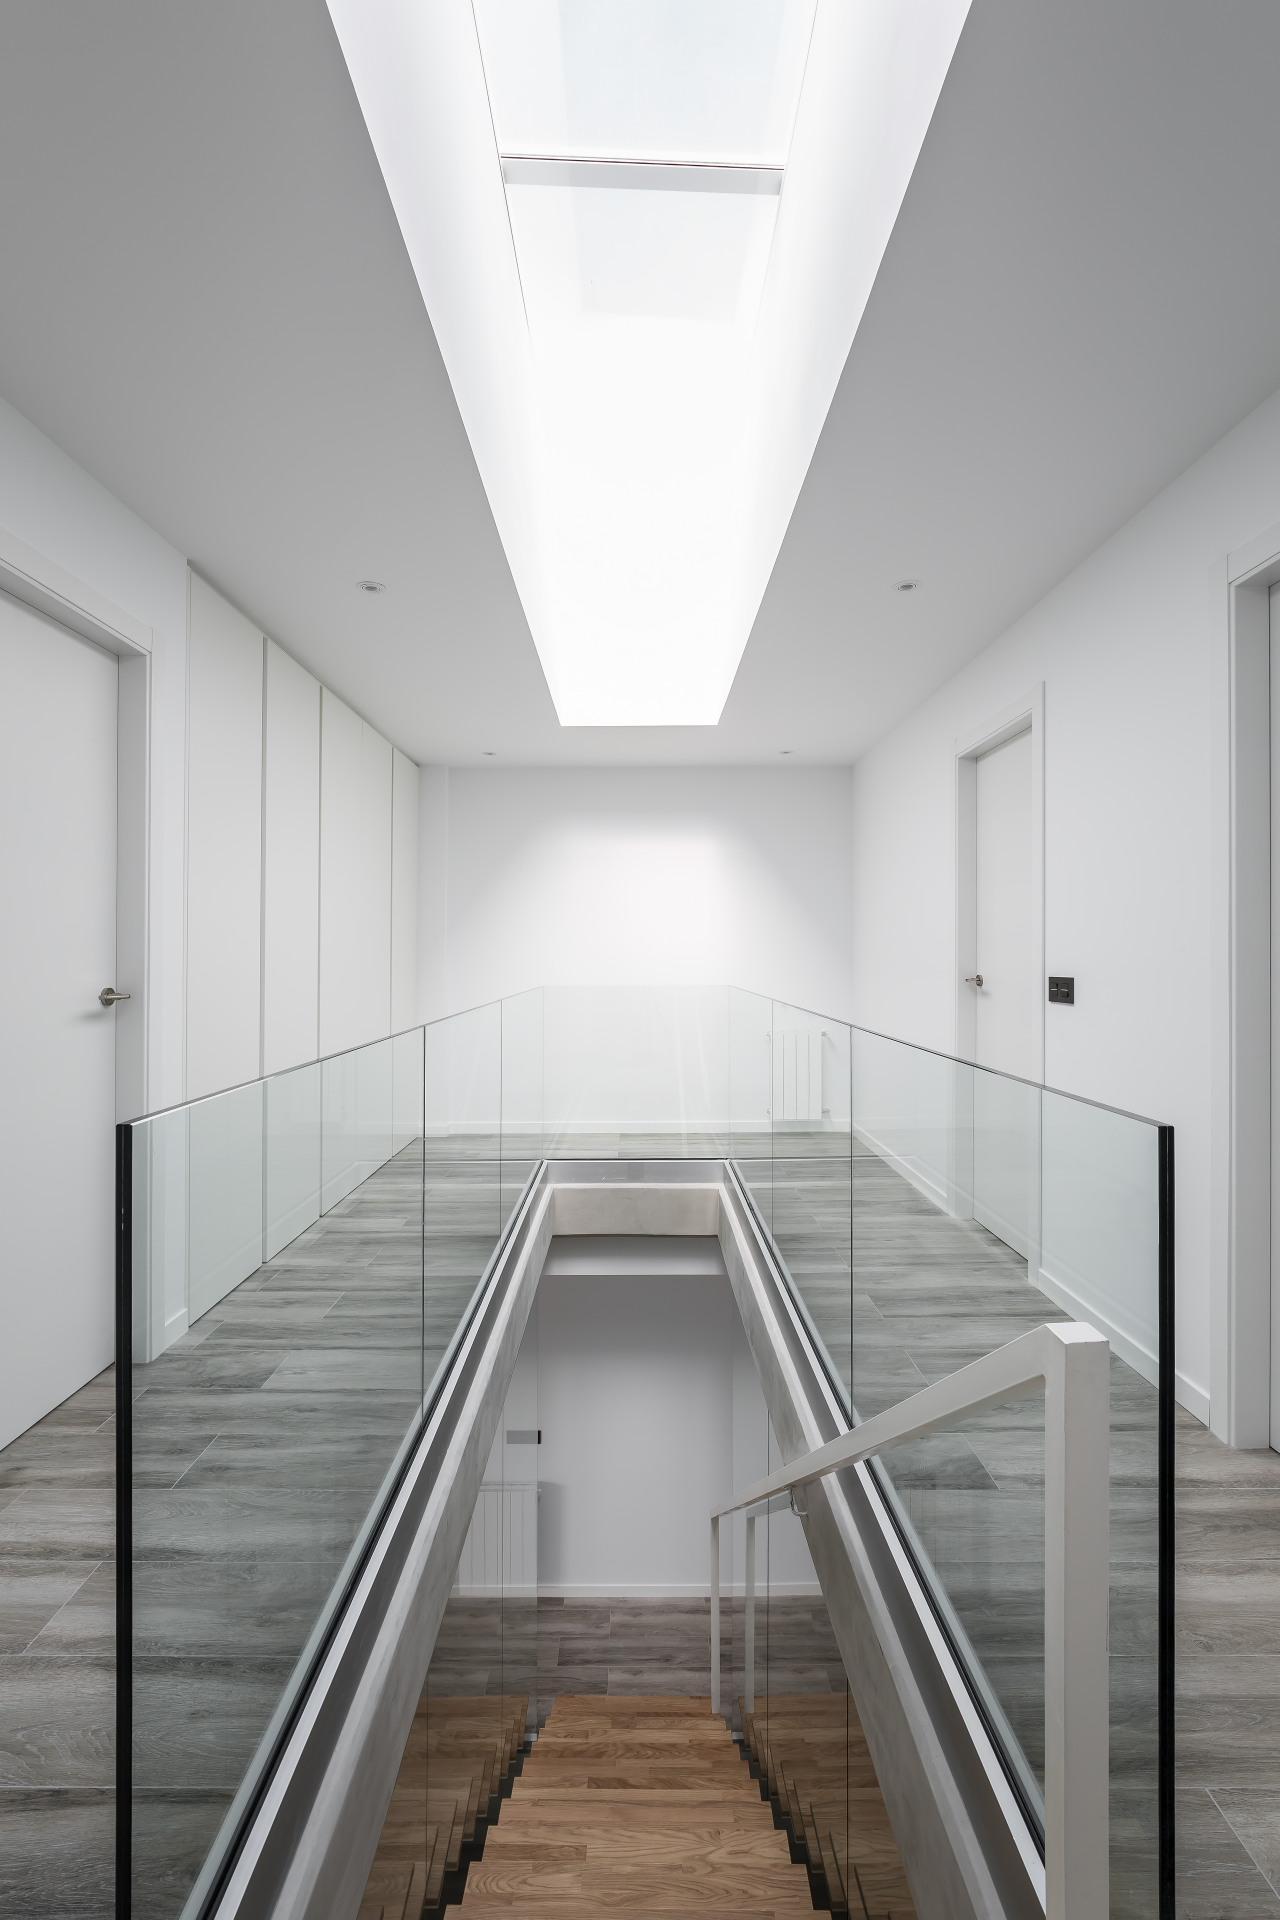 fotografia-arquitectura-valencia-puig-german-cabo-viraje-v15 (13)